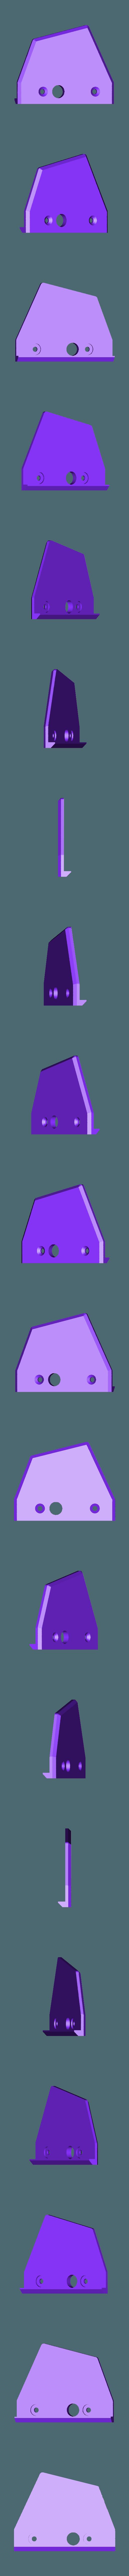 ARRMA_TYPHON_6S_MUDGUARD_RIGHT_20190201.stl Télécharger fichier STL gratuit ARRMA TYPHON BLX 6S GARDE-BOUE • Objet à imprimer en 3D, peterbroeders